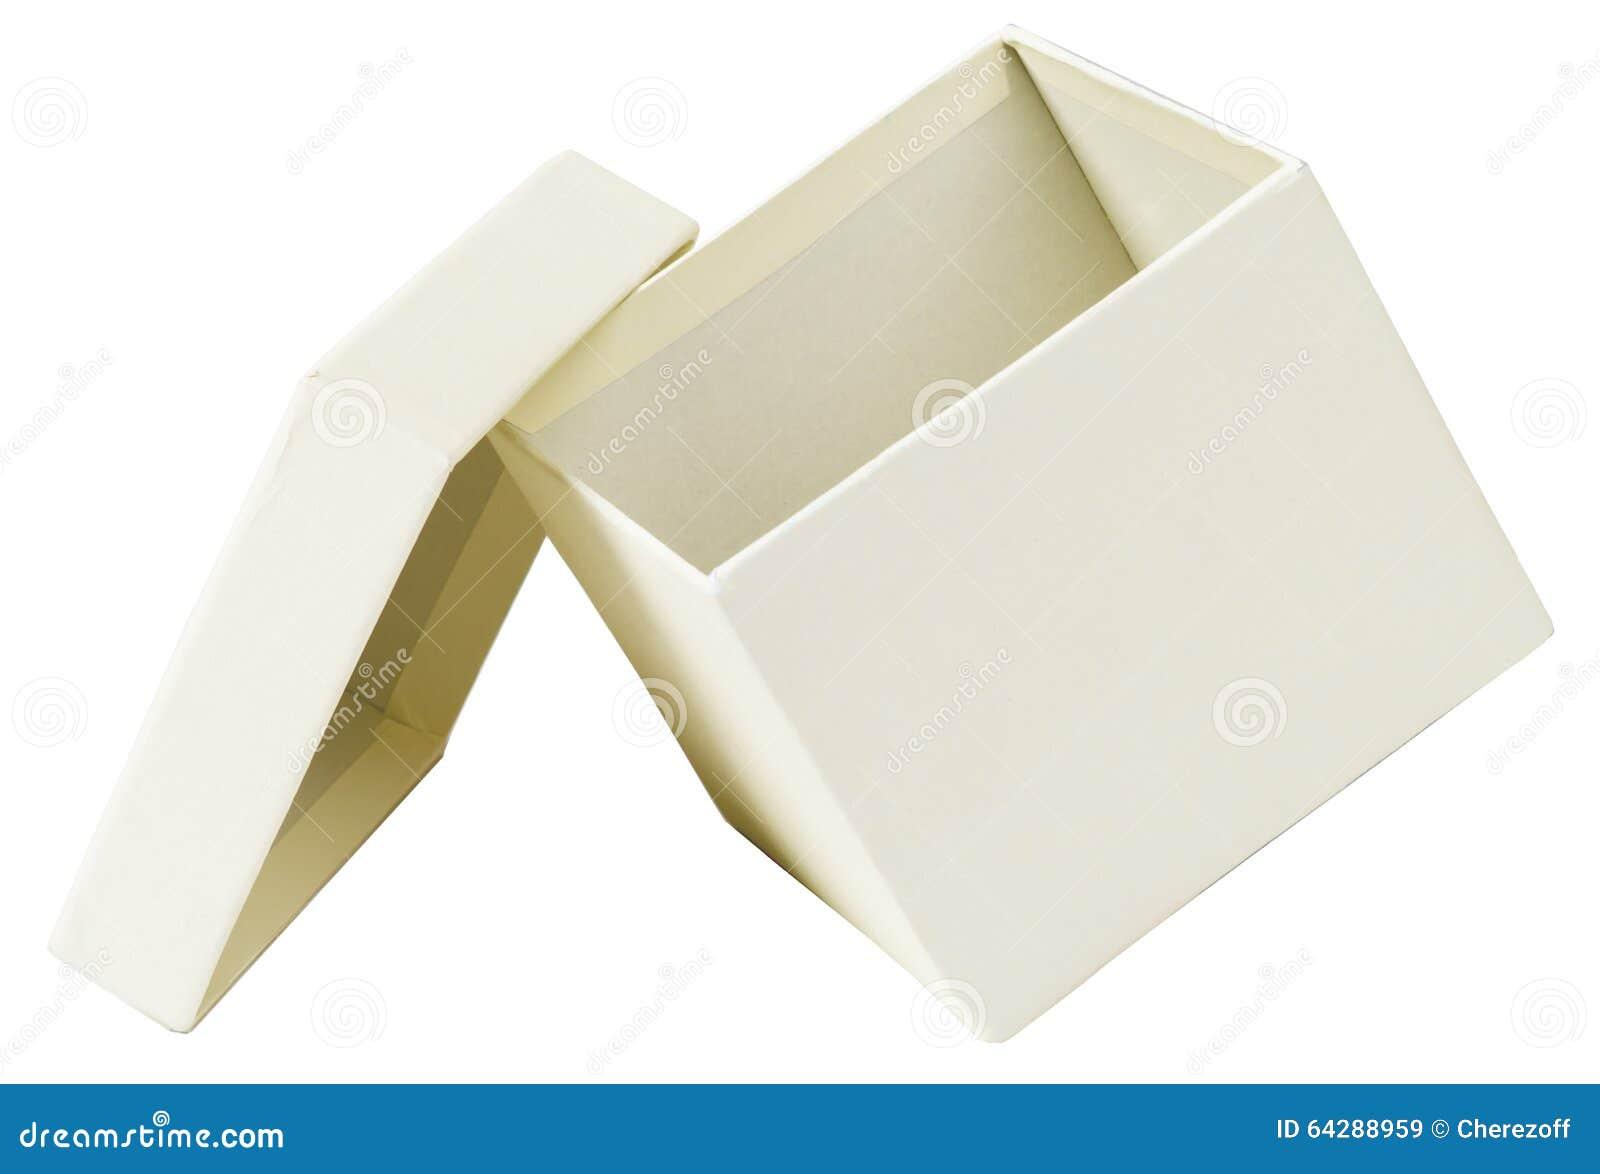 Open White Box Stock Photo - Image: 64288959